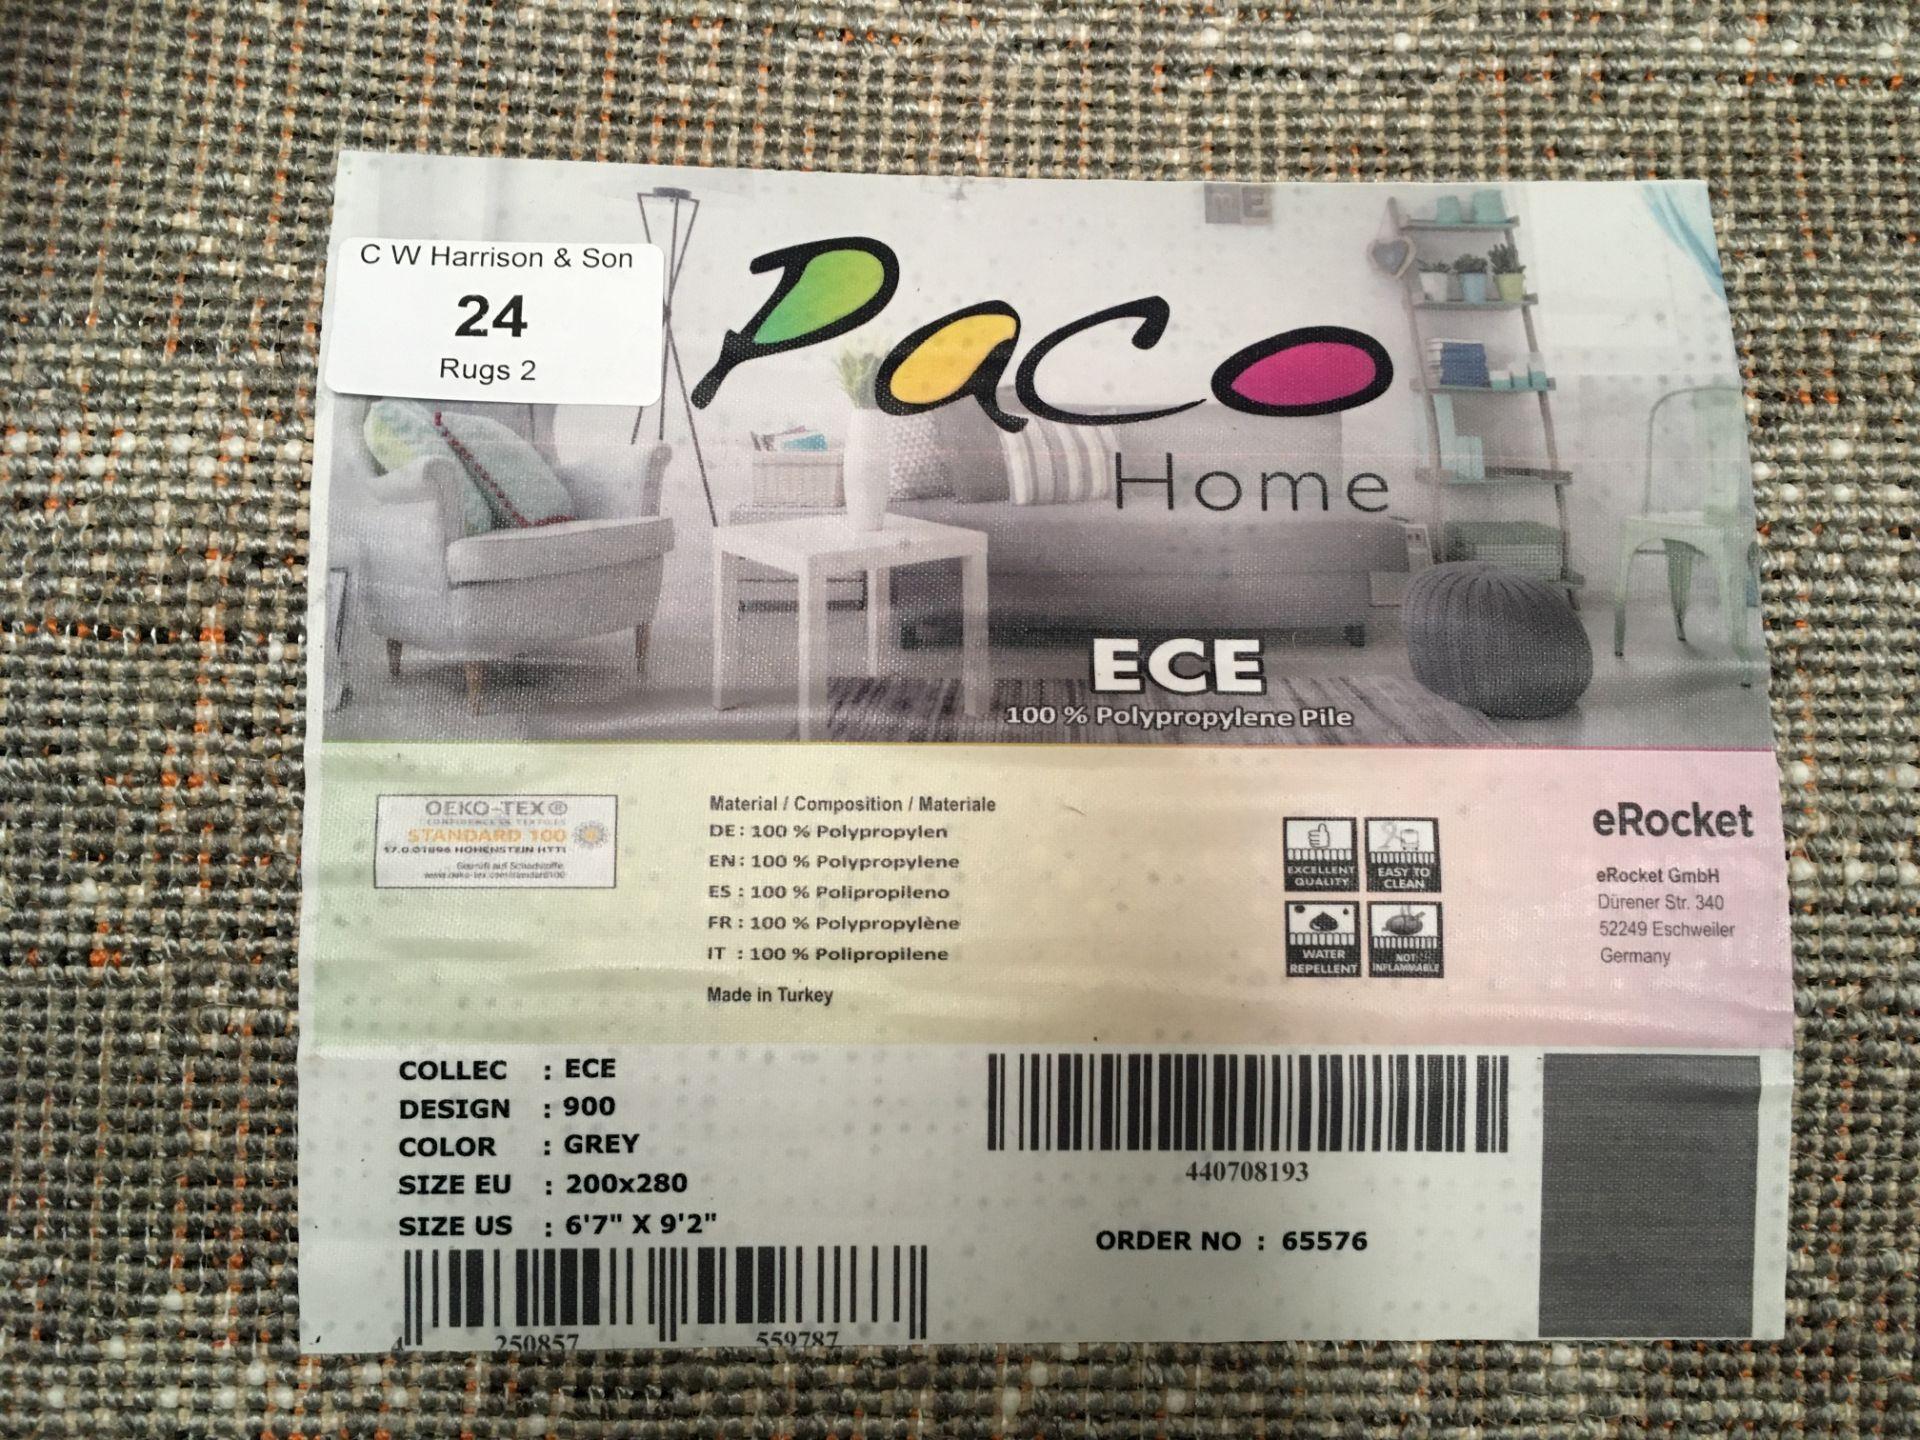 Lot 24 - A Paco Home ECE 900 grey rug - 200cm x 280cm